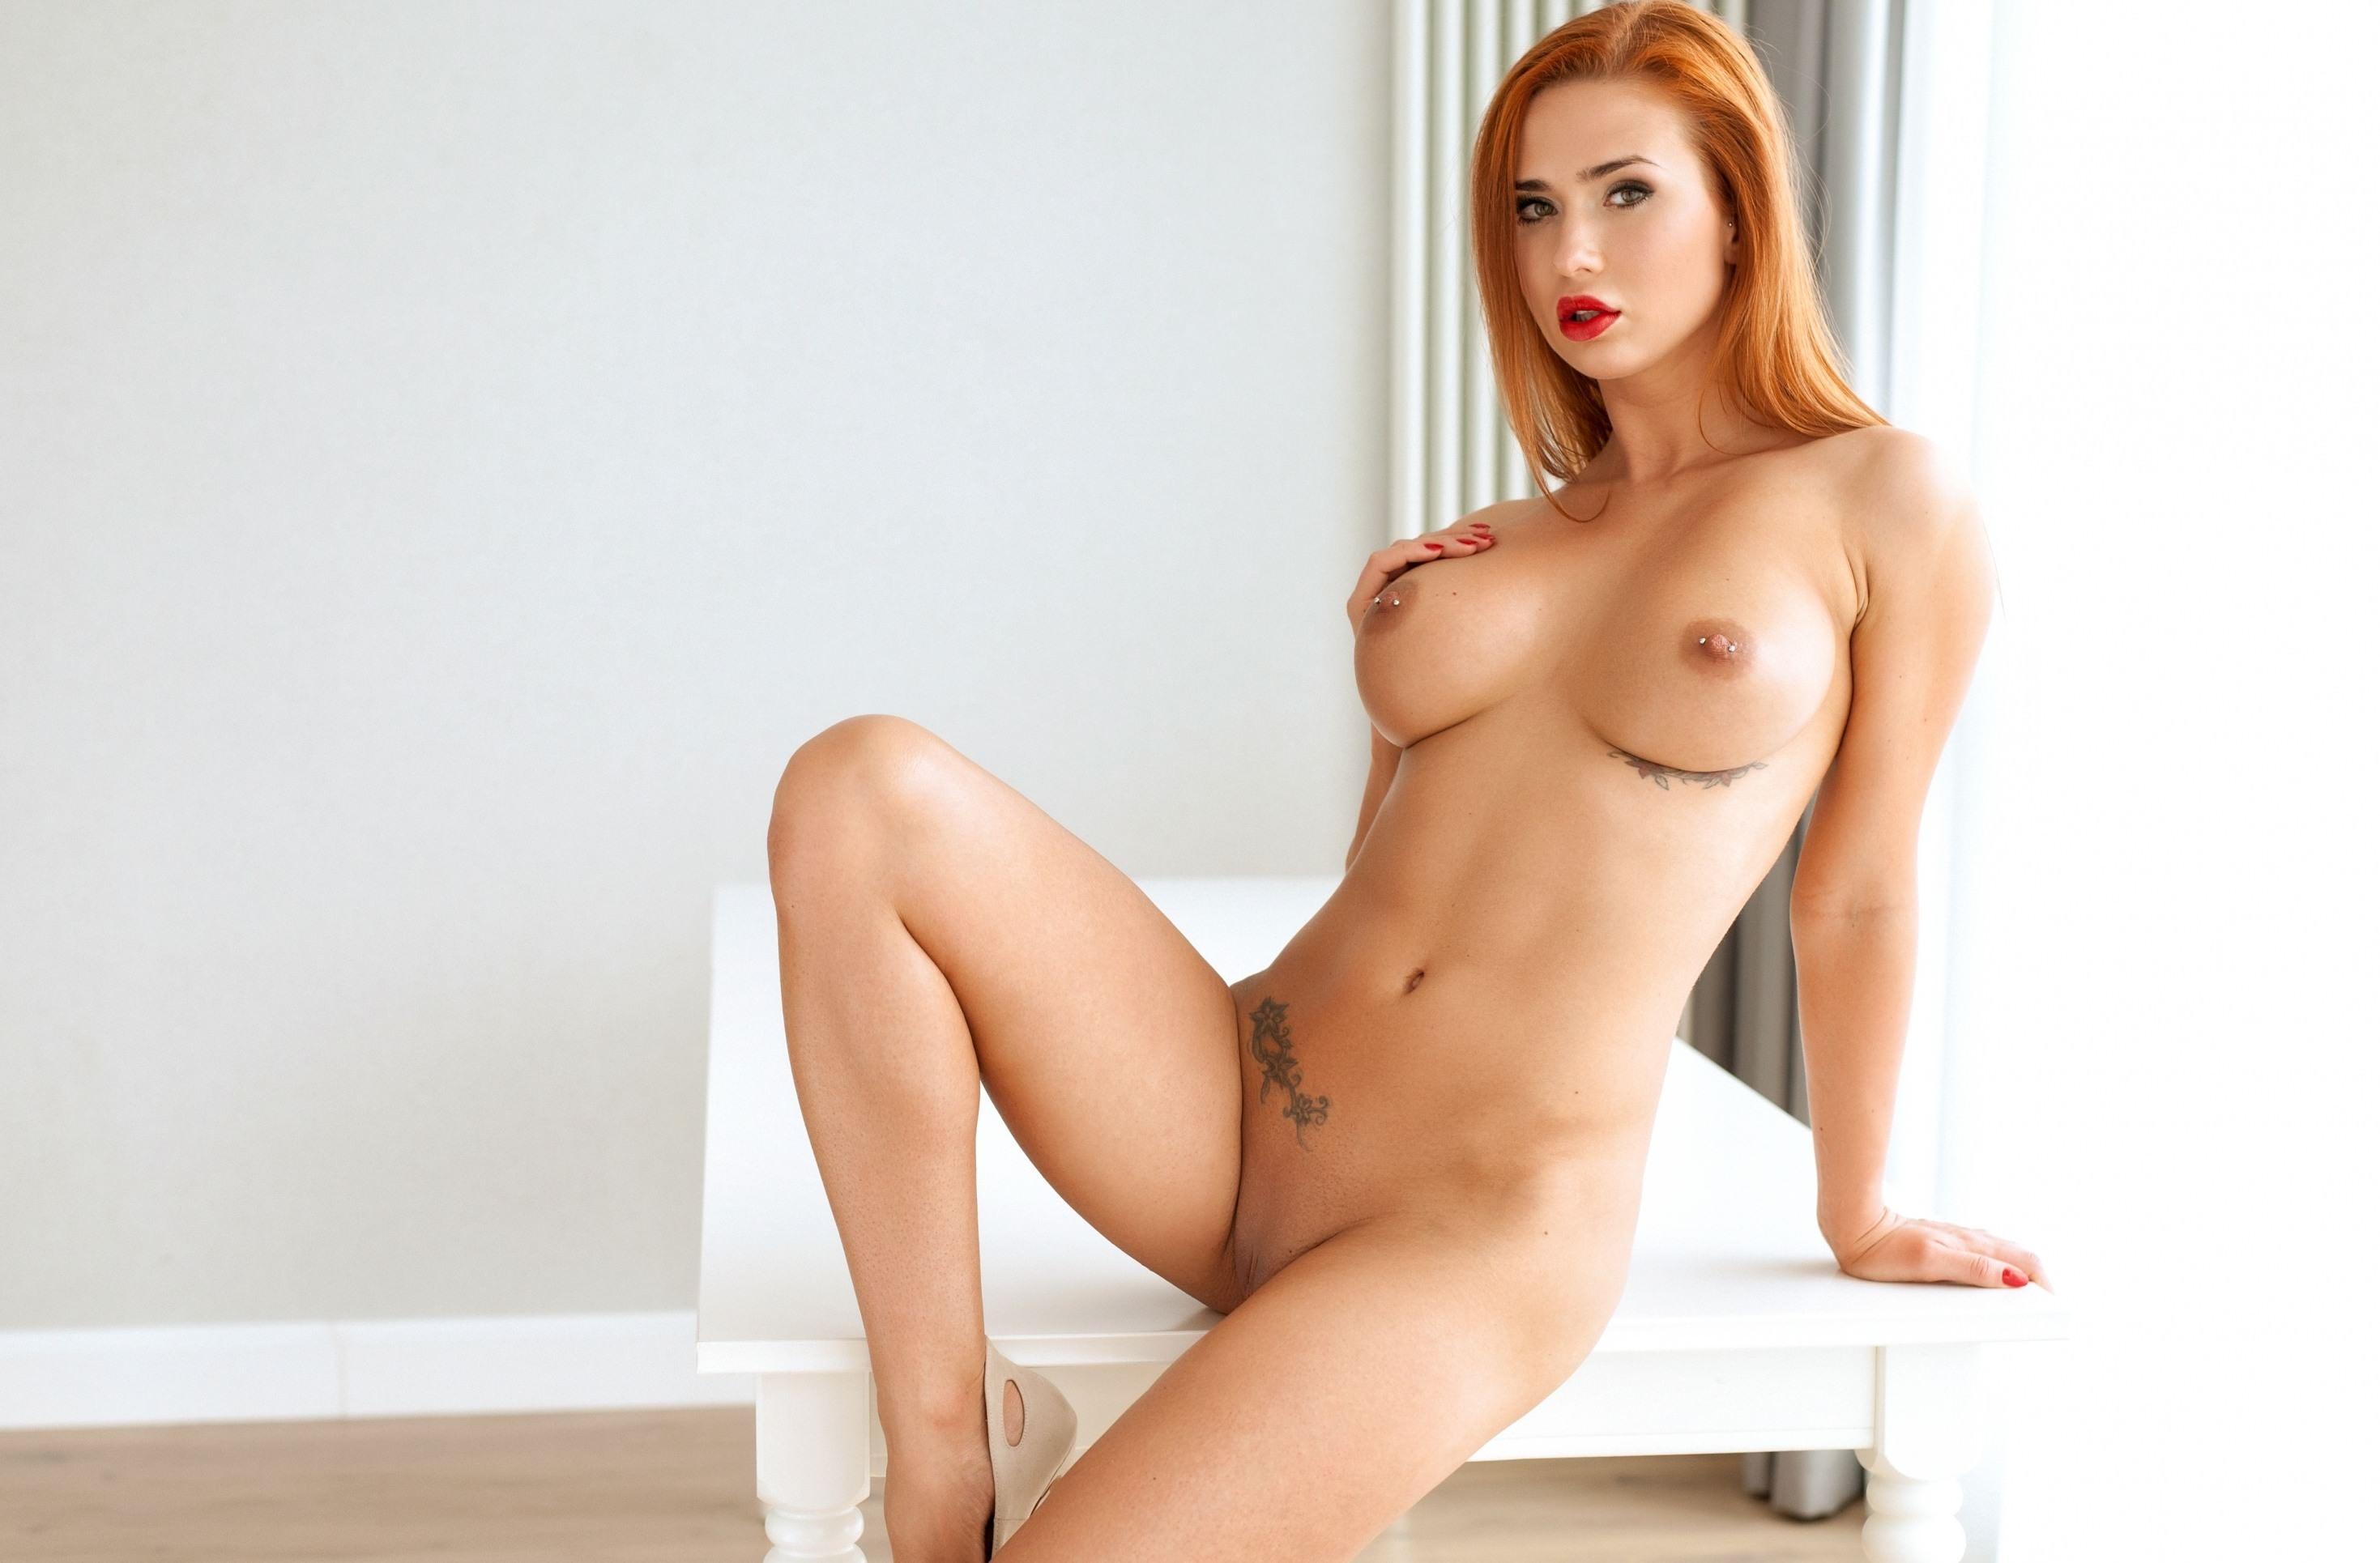 Анал и Анальный секс смотреть у нас порно фото анала